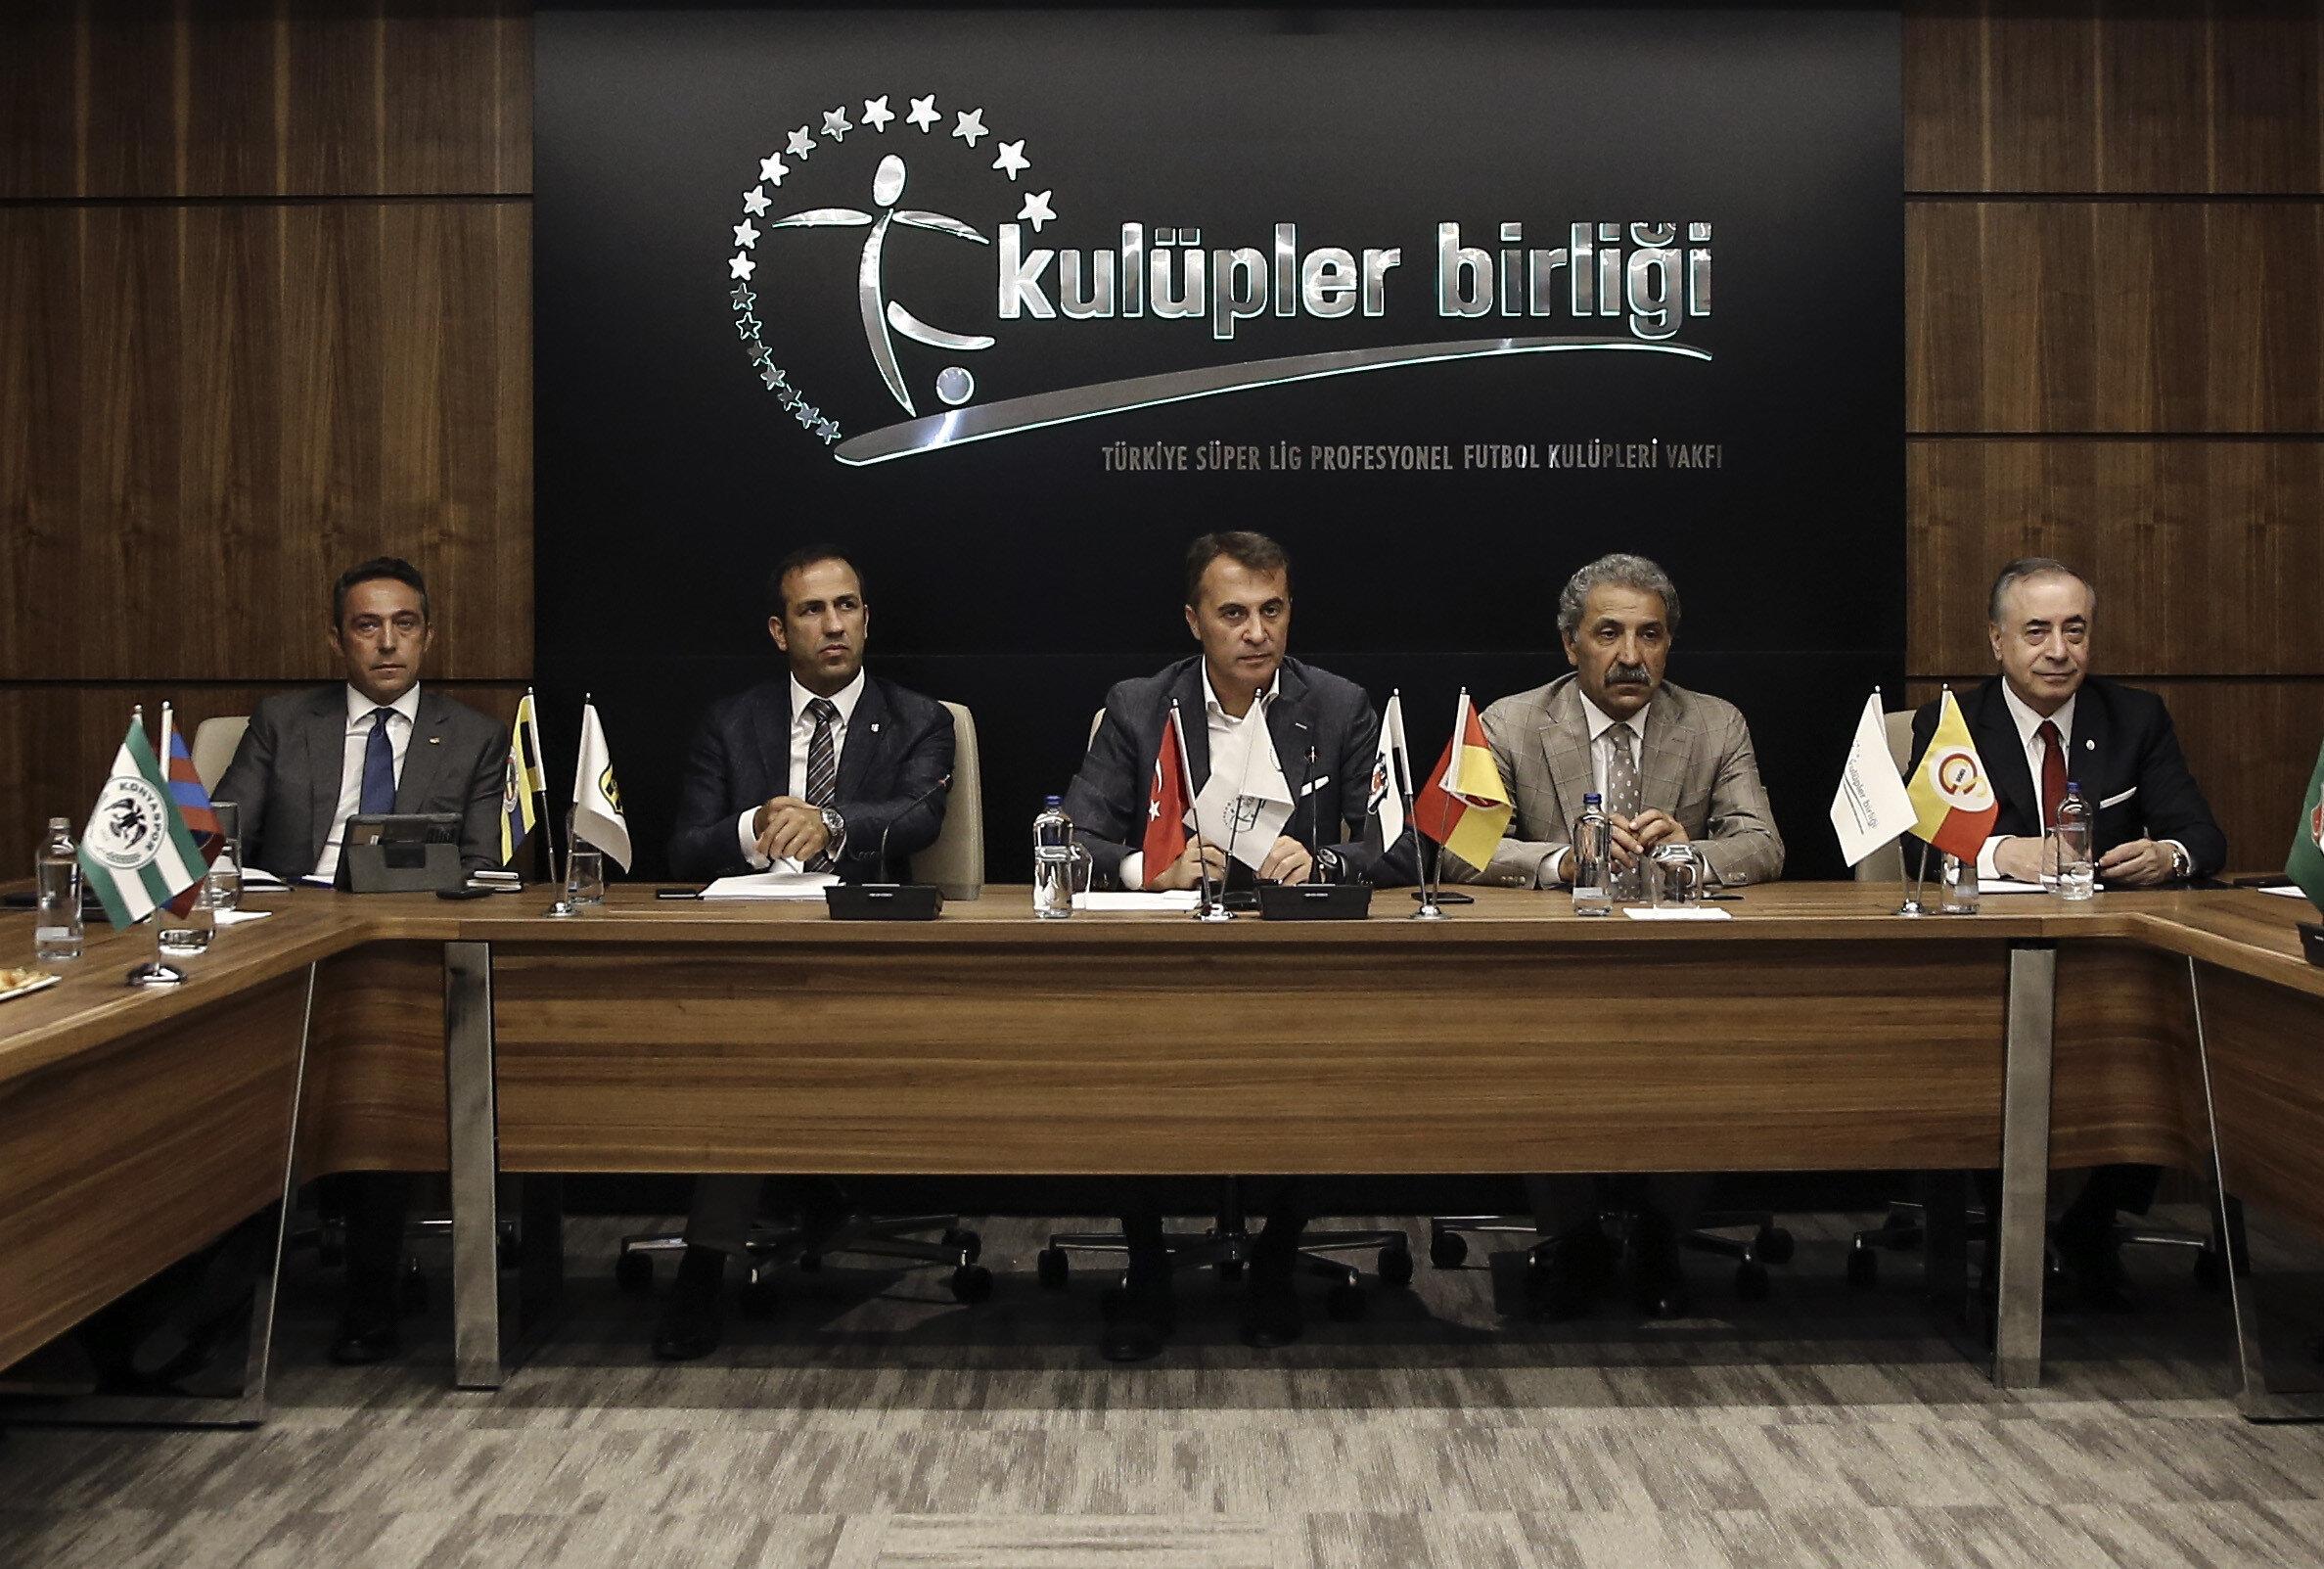 Arşiv: Kulüpler Birliği Vakfı'nda buluşan kulüp başkanları toplantı öncesinde foto muhabirler tarafından görüntüleniyor...